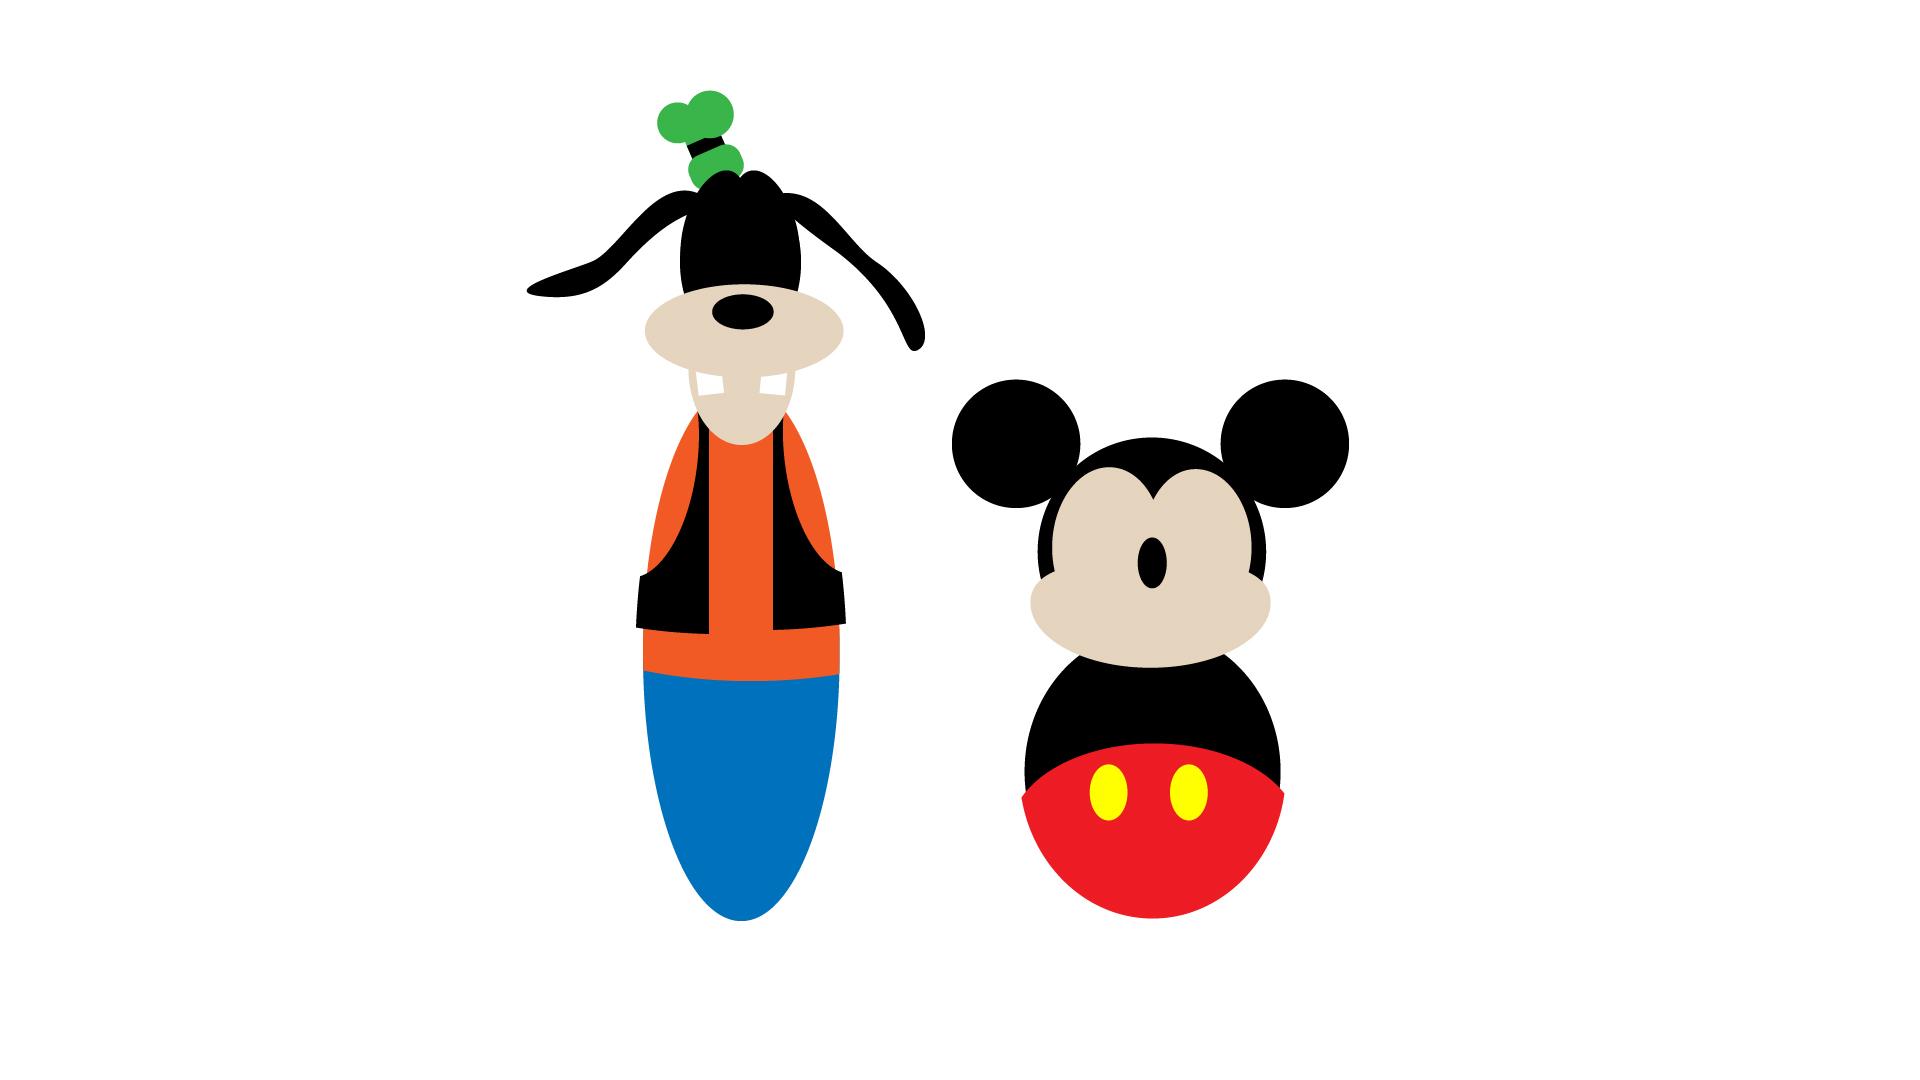 Goofy_Mickey